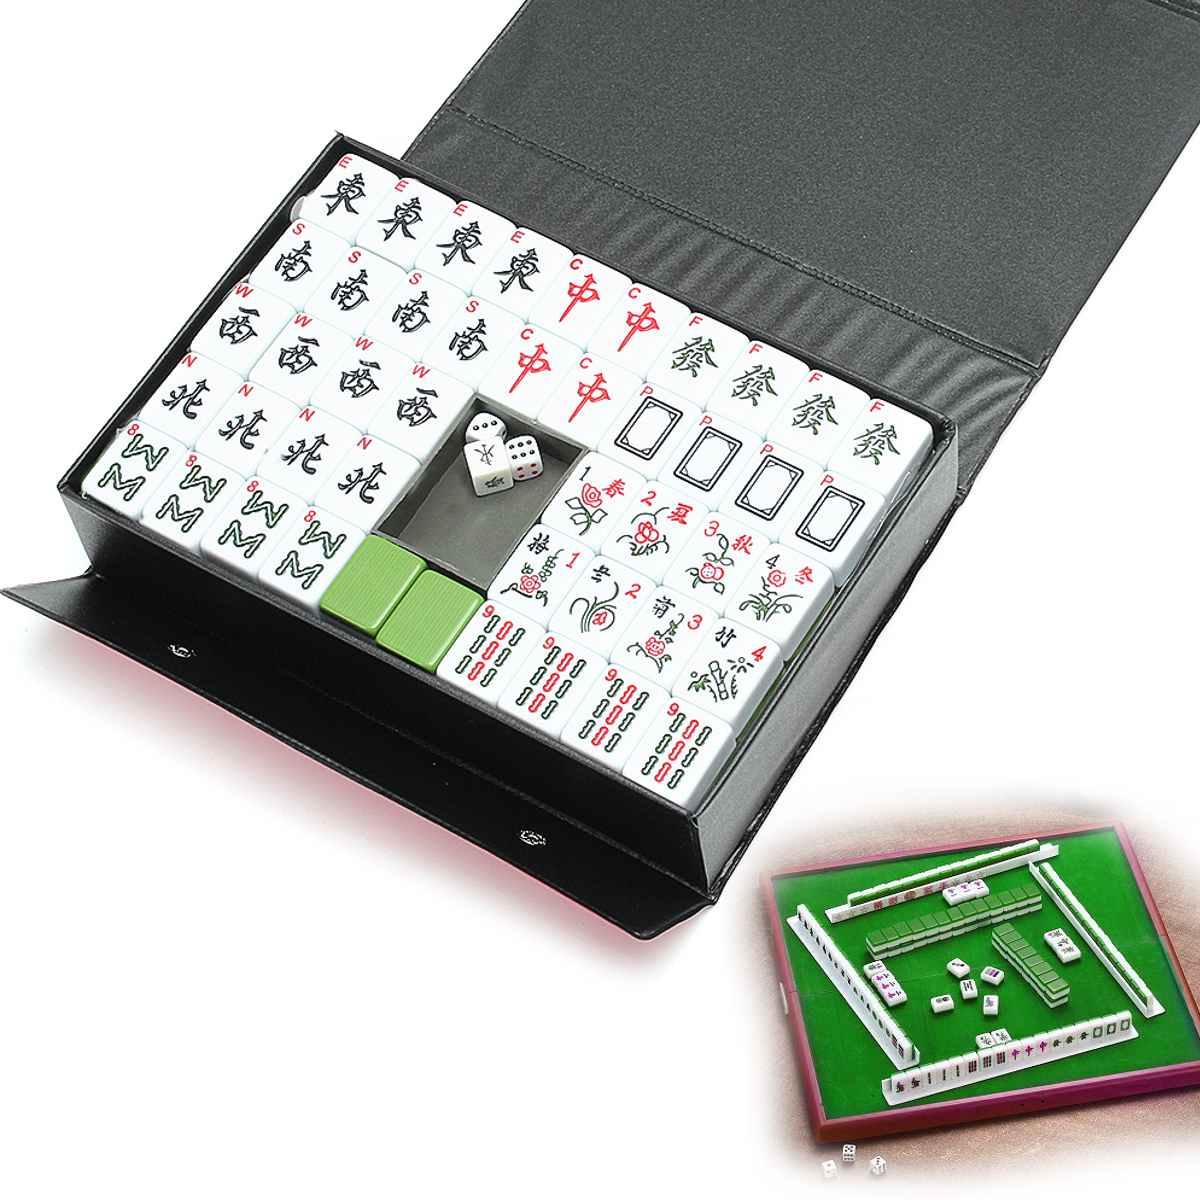 Juego raro de MahJong chino portátil de 144 azulejos, juego Retro de Mah-Jong + caja de ajuste personalizada, entretenimiento, diversión, juegos de mesa familiares